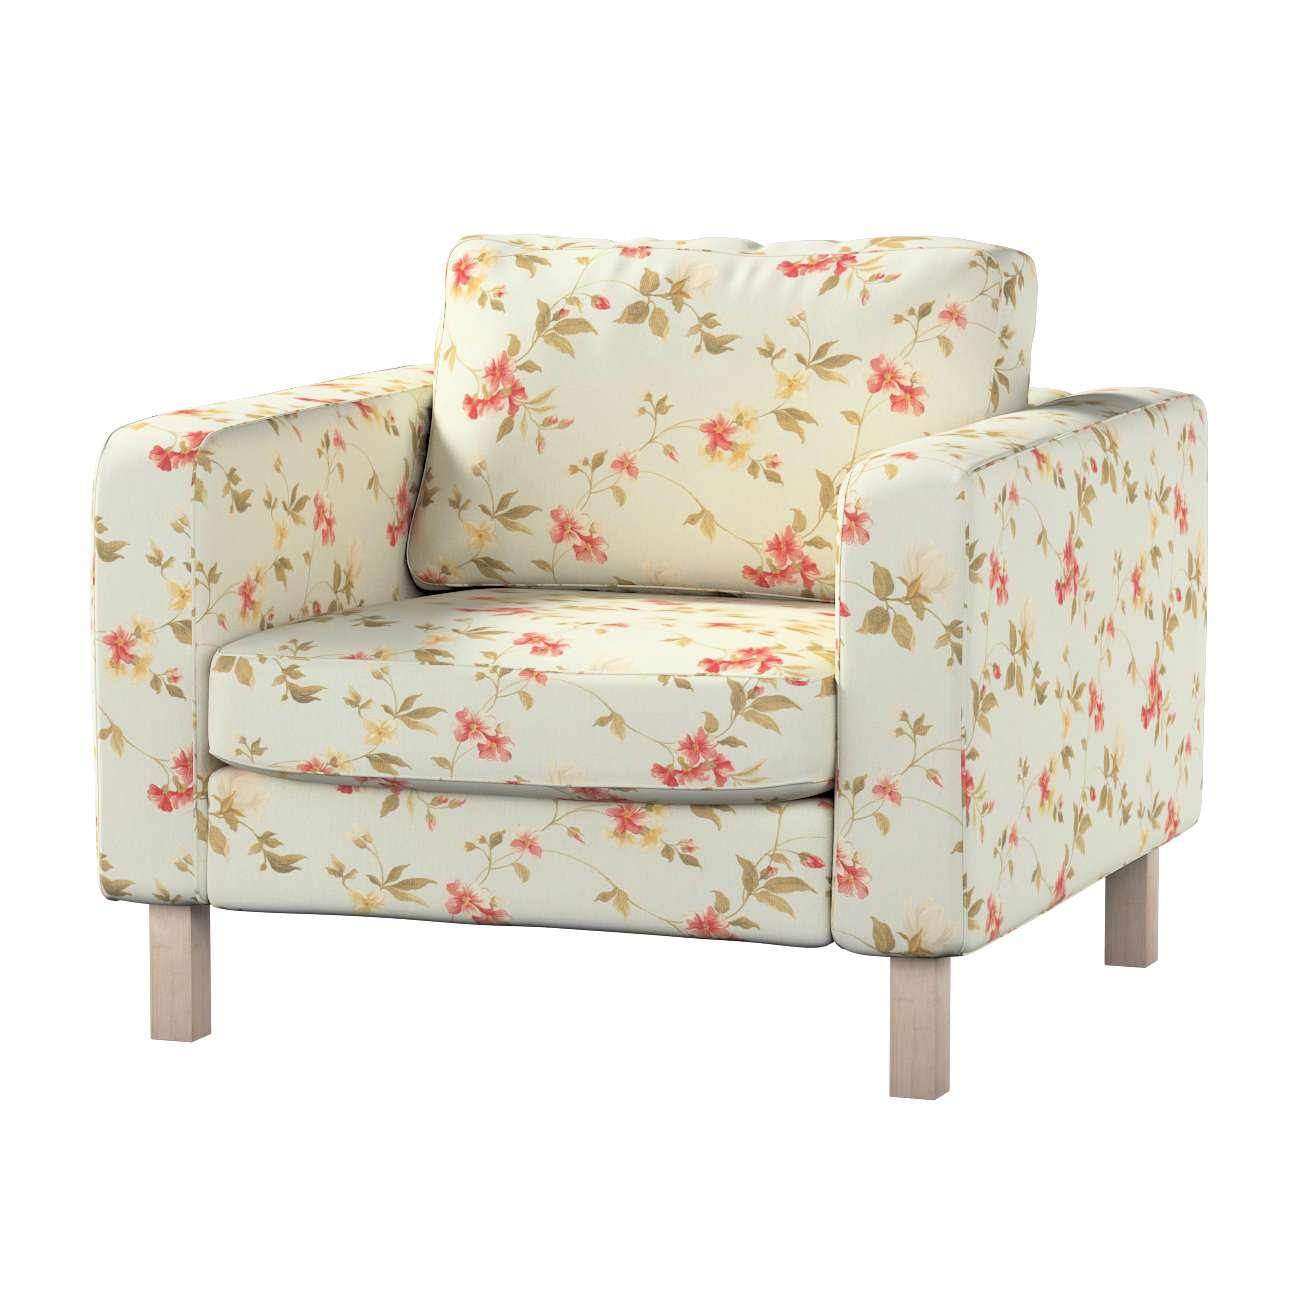 Pokrowiec na fotel Karlstad, krótki Fotel Karlstad w kolekcji Londres, tkanina: 124-65